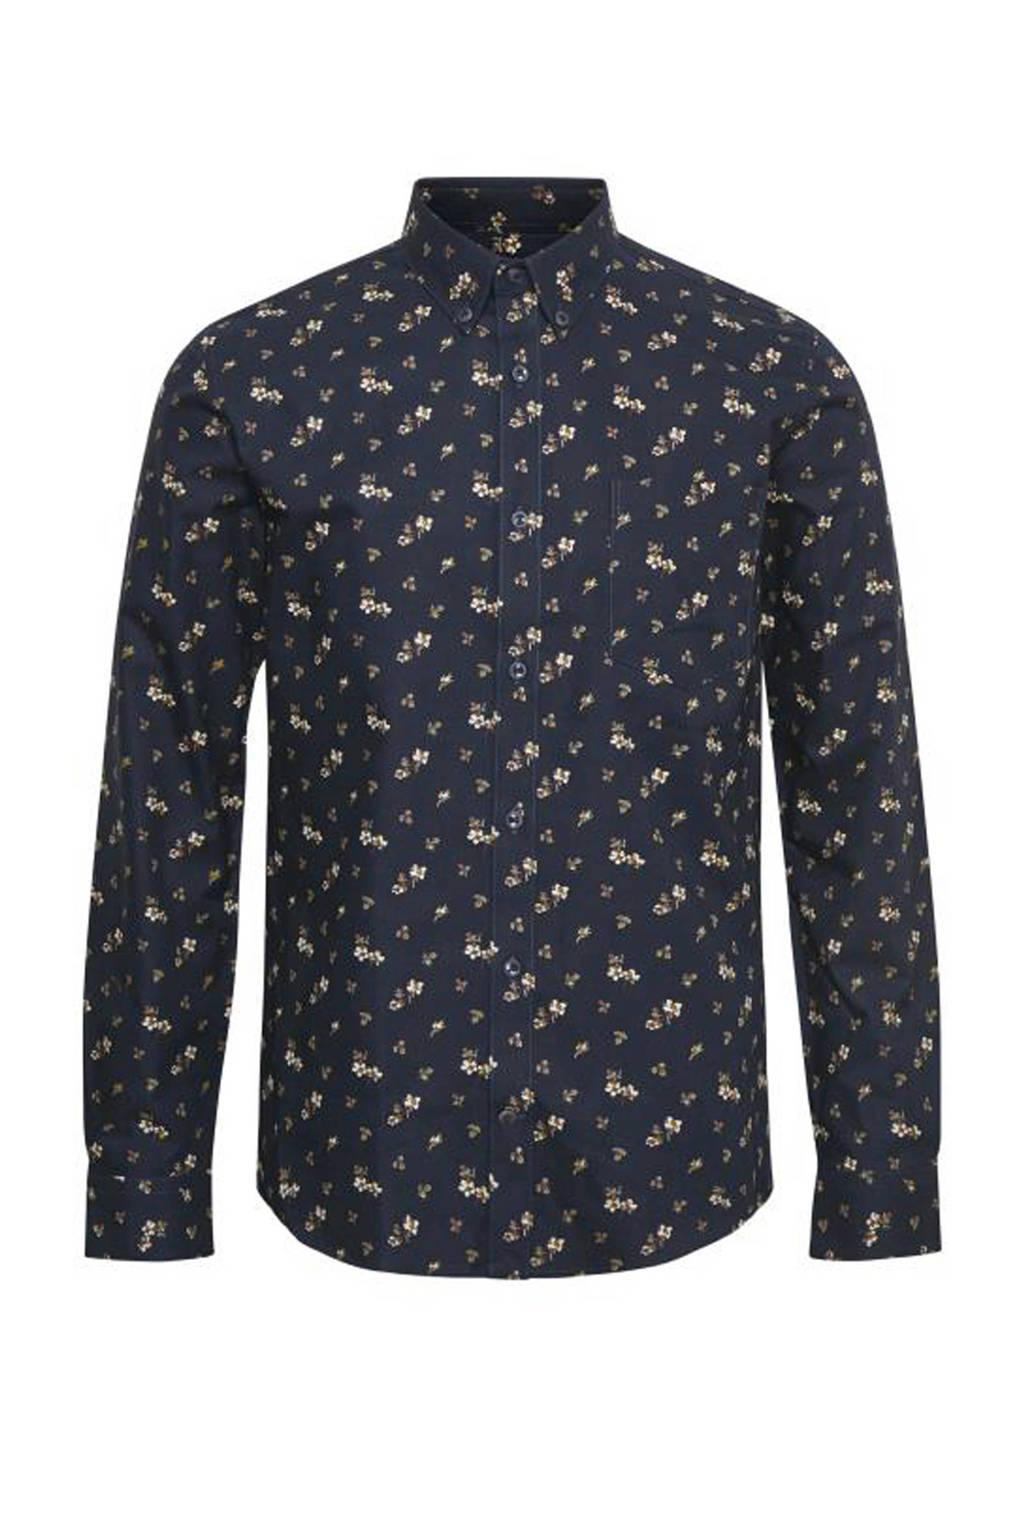 Matinique regular fit overhemd met all over print donkerblauw/bruin/wit/groen, Donkerblauw/bruin/wit/groen